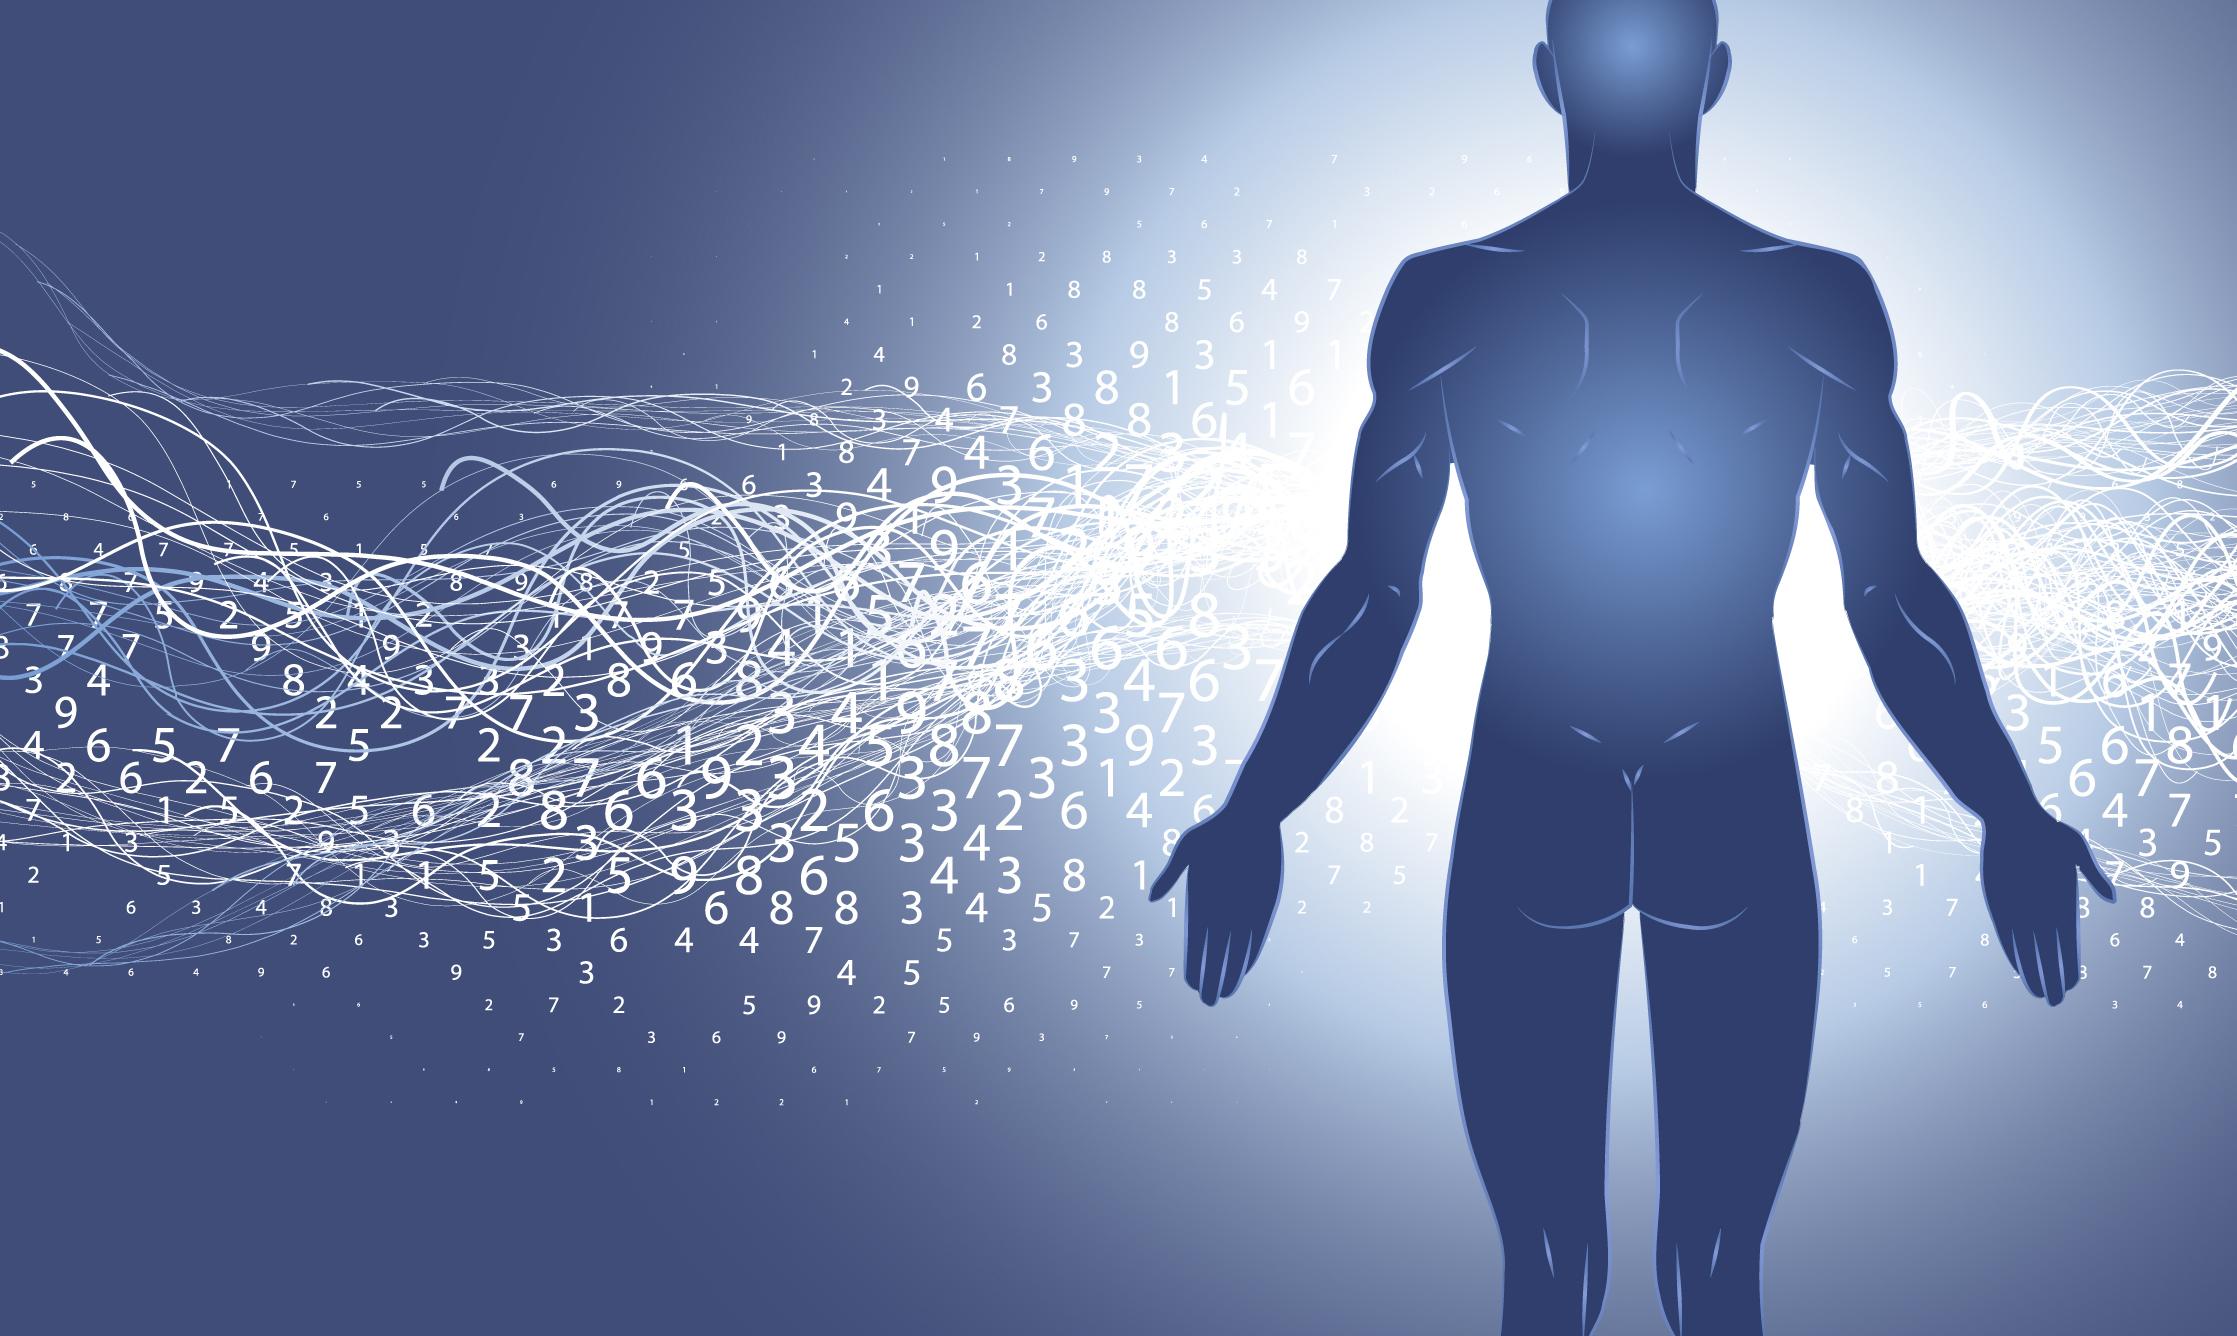 לתת טיפול באמצעות שיטות רפואיות מתקדמות (צילום: shutterstock)